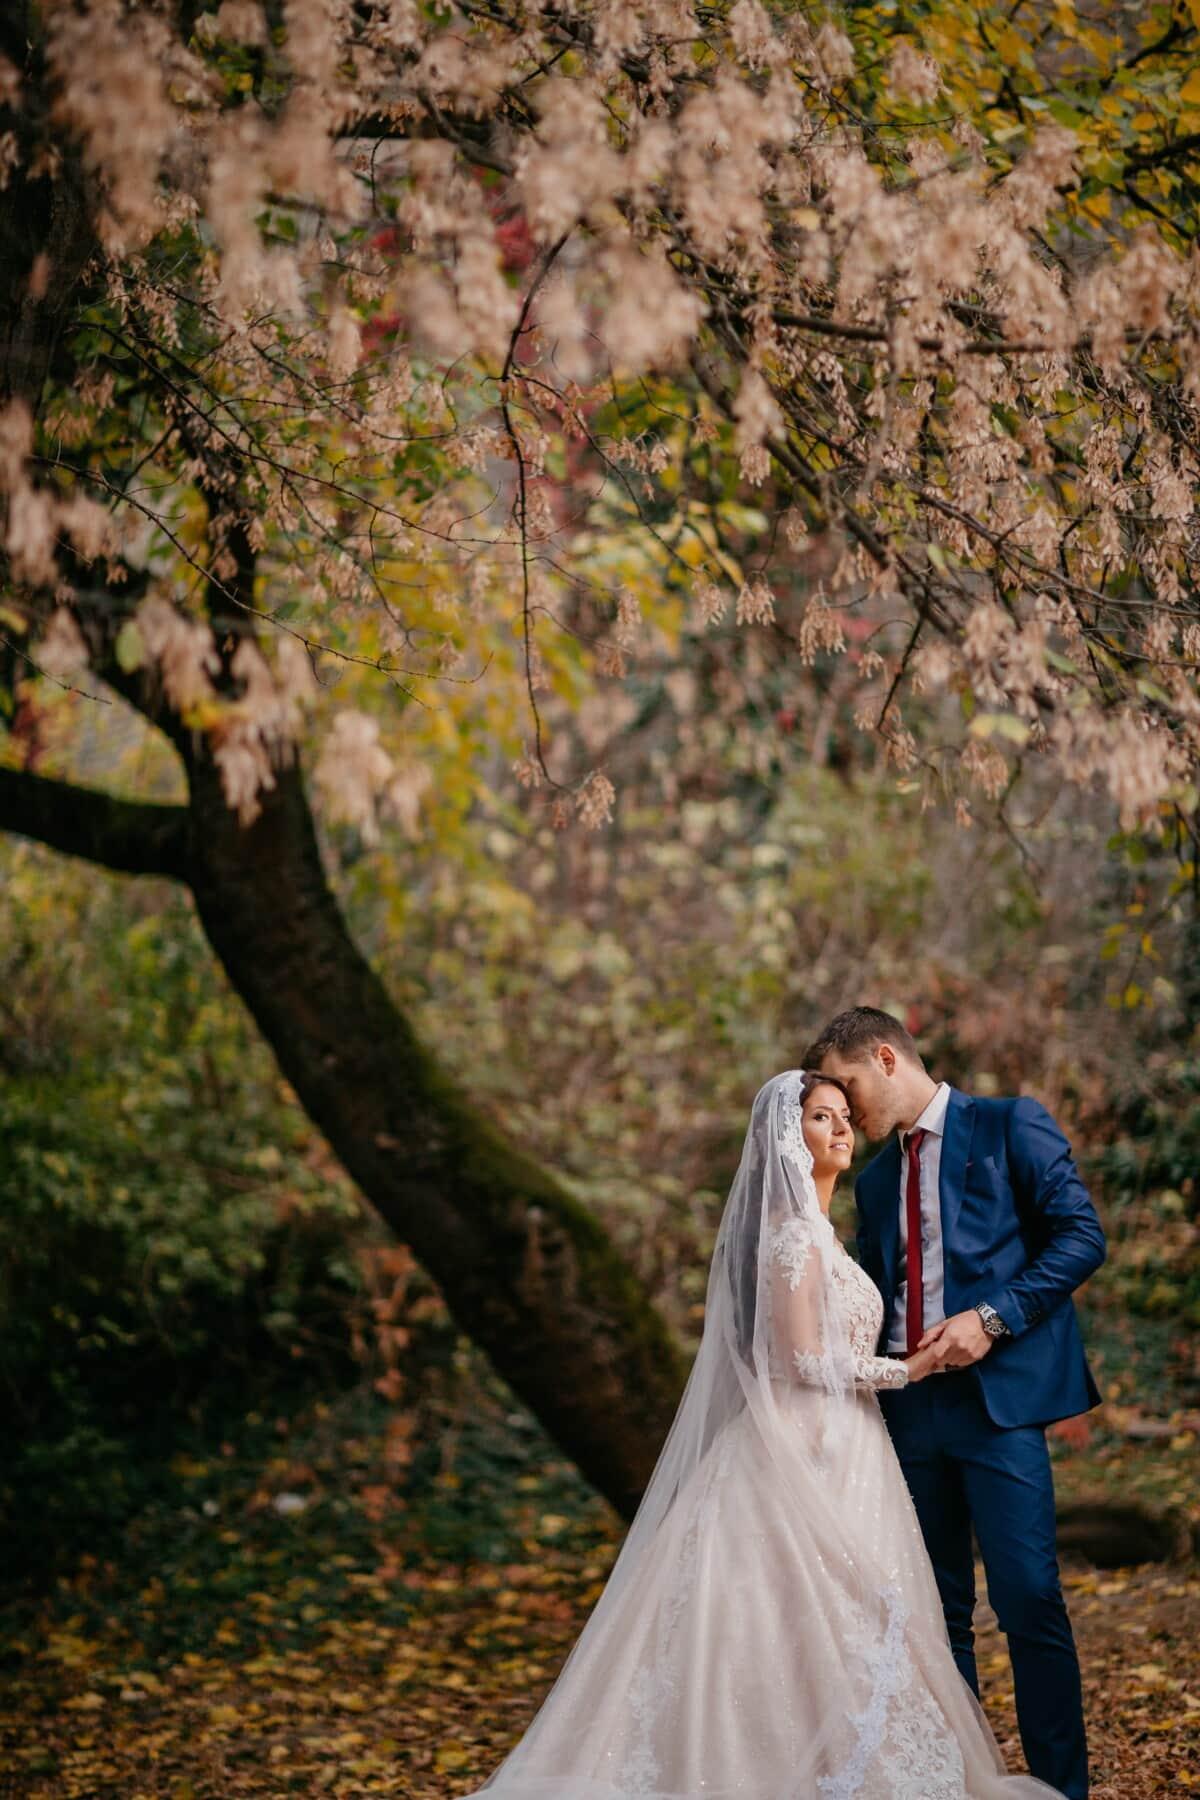 érzékenység, csók, menyasszony, érzelem, vőlegény, vadonban, lány, esküvő, fa, emberek